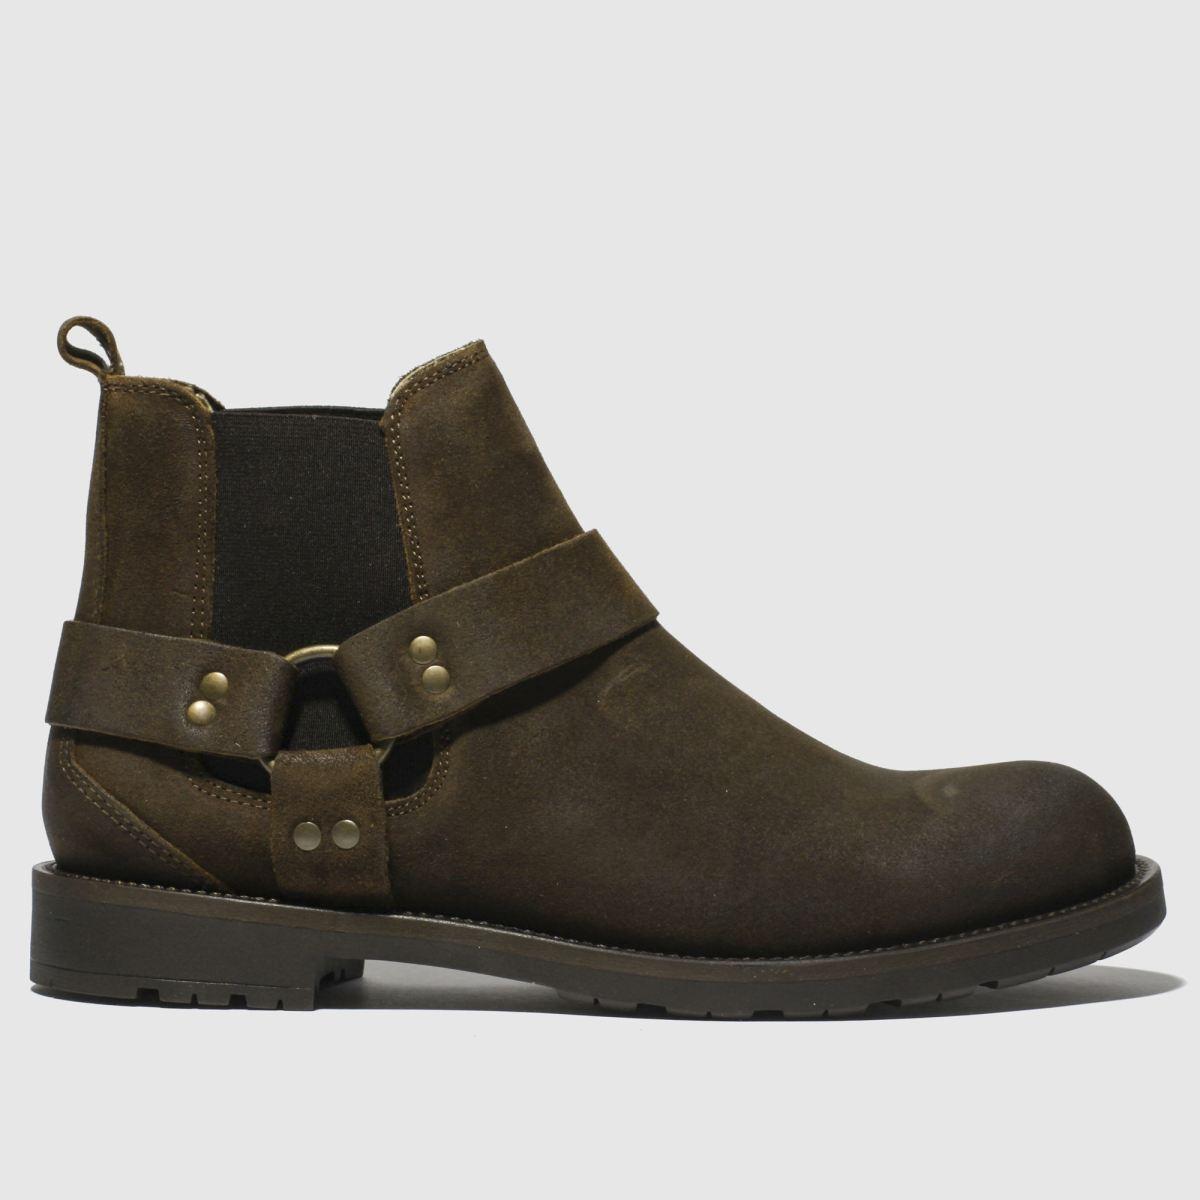 Schuh Brown Fletcher Harness Boots